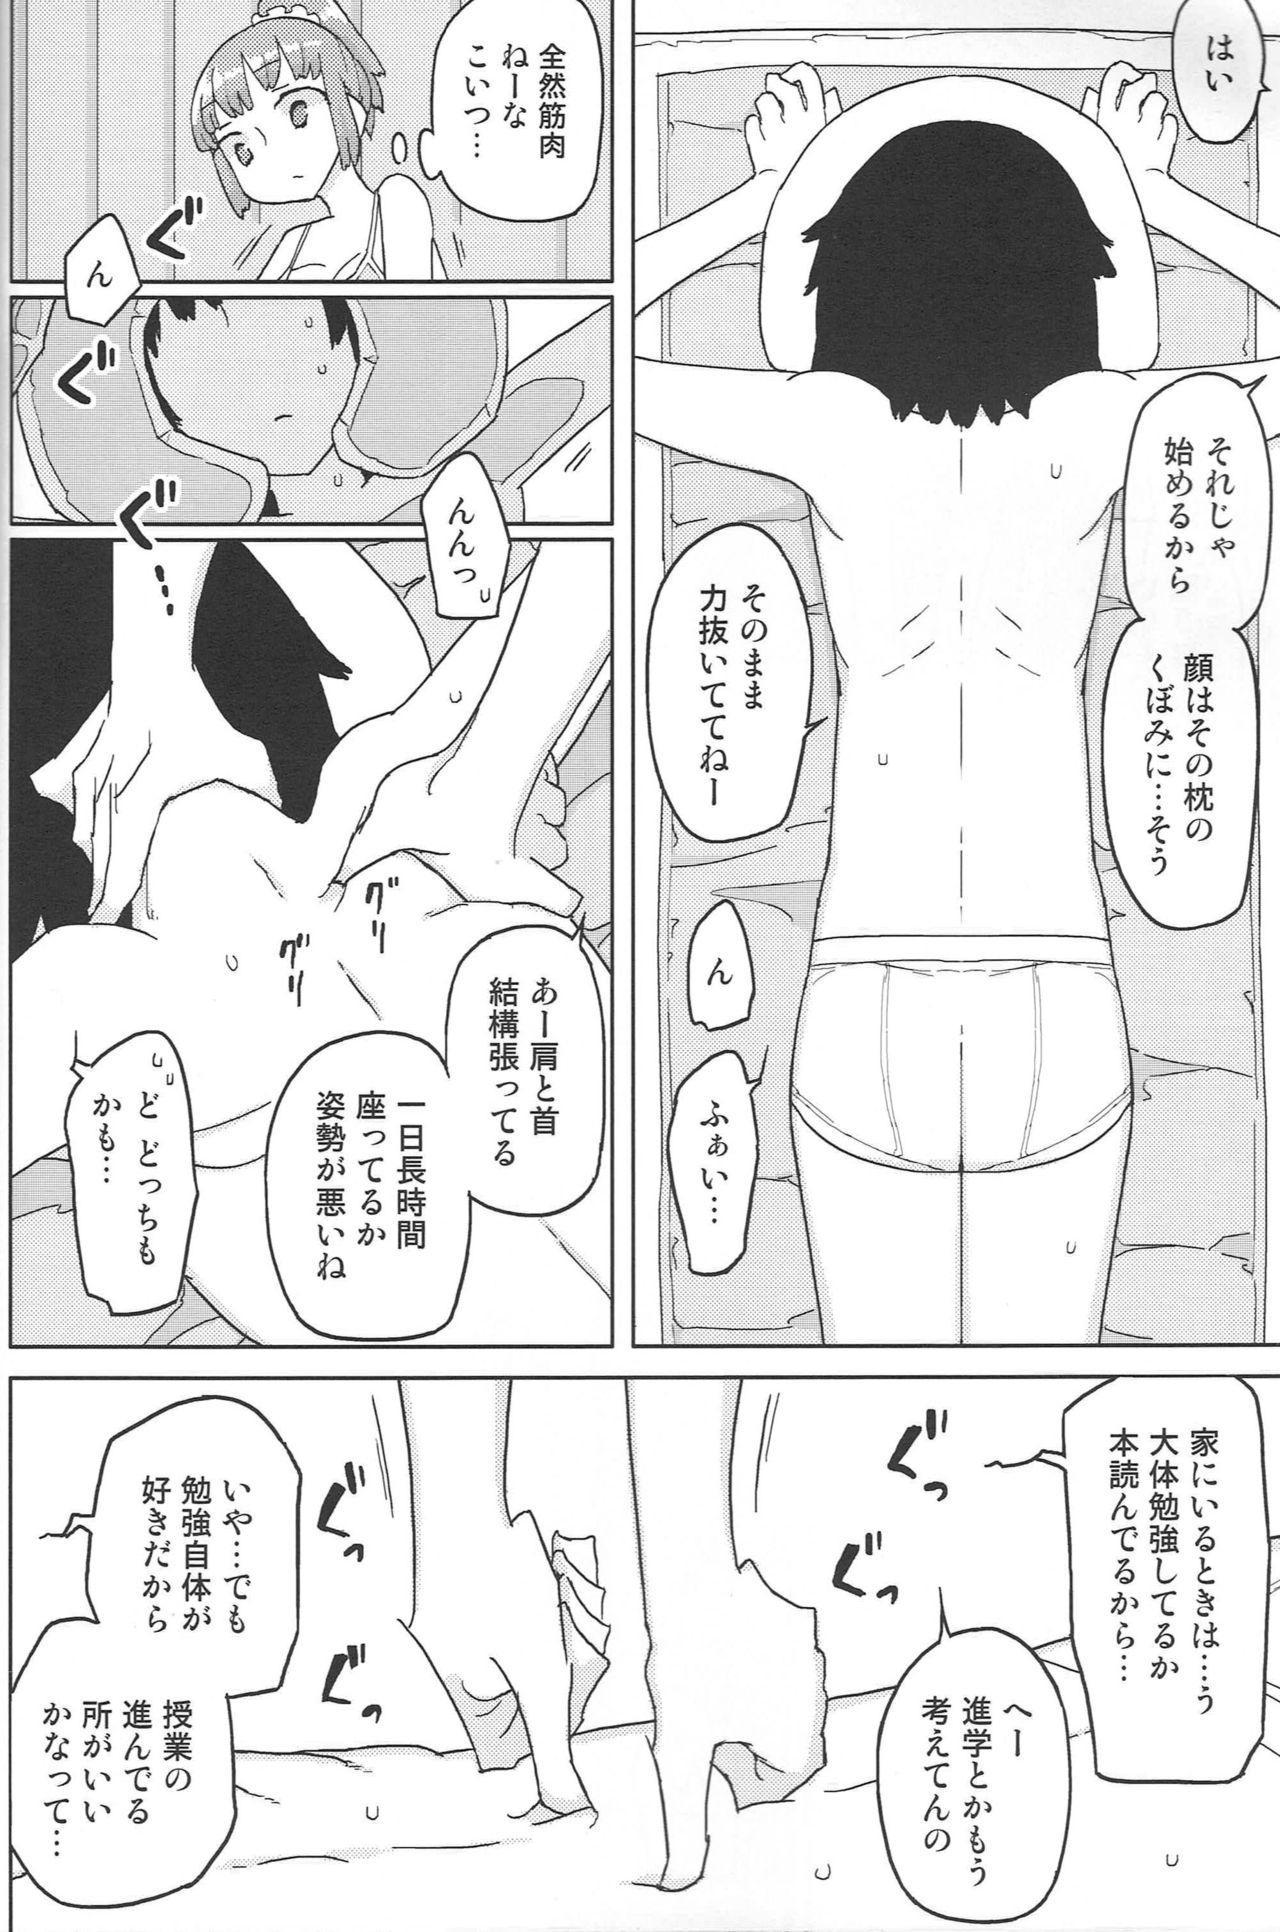 TS Danshikou Fuzokuchuu Doutei Massage-bu 4